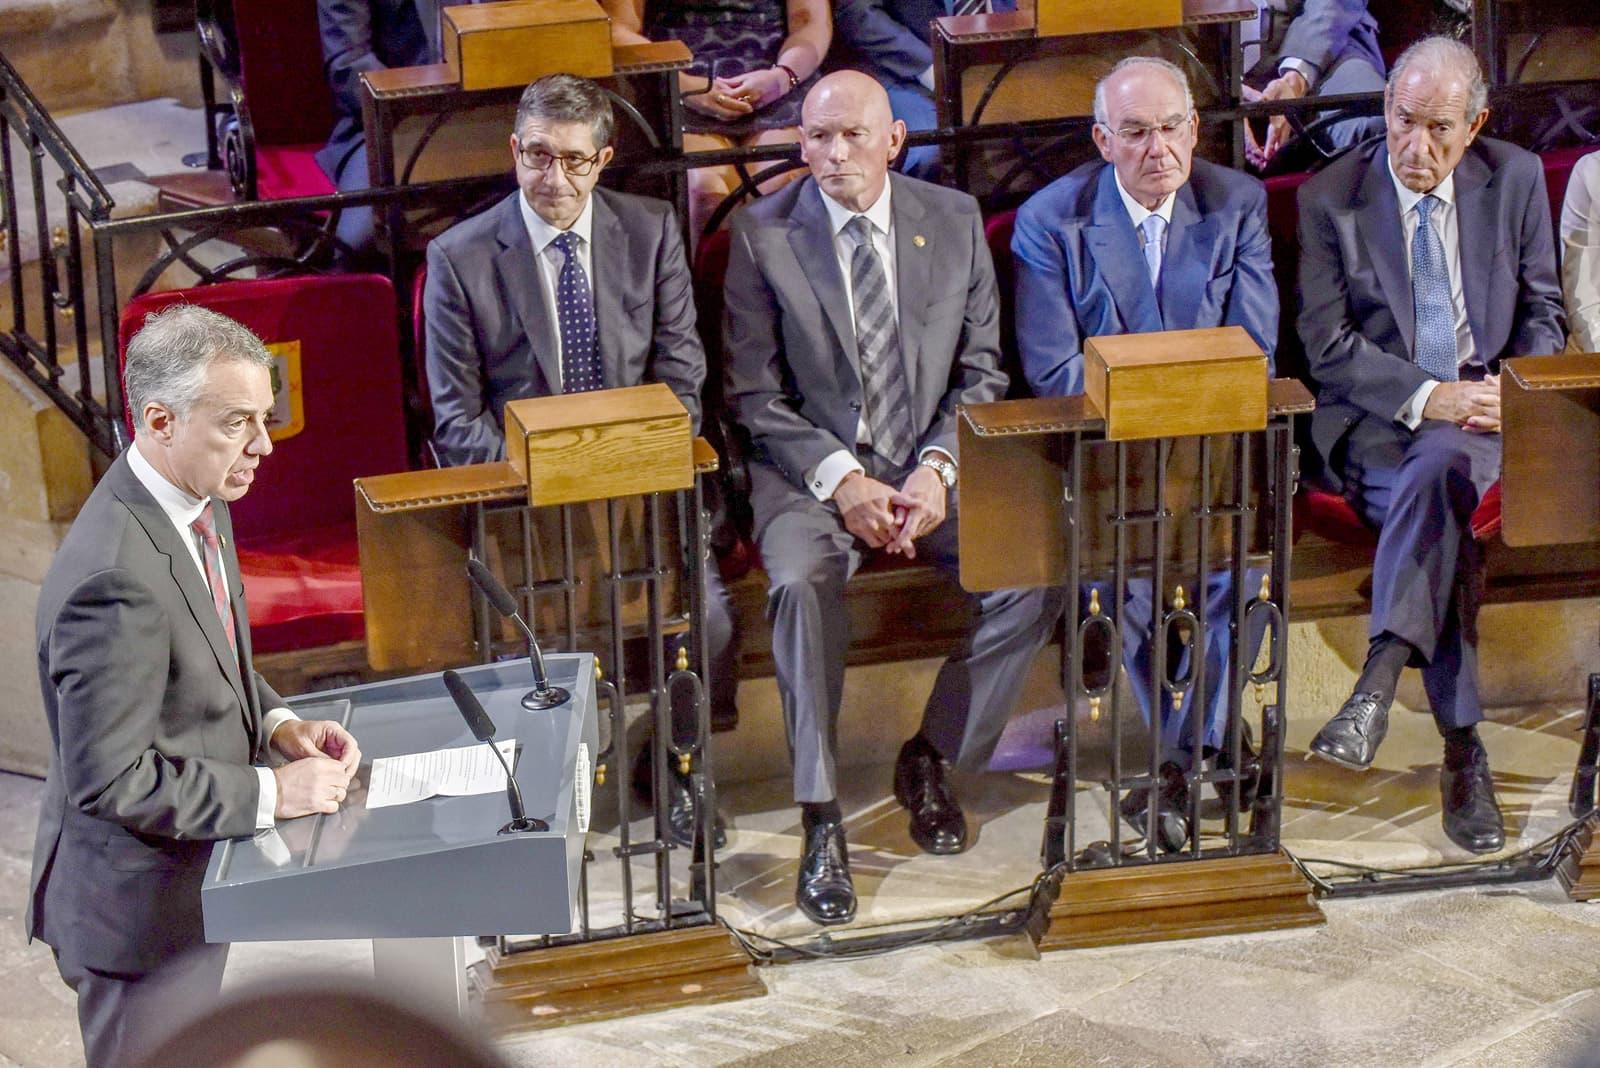 Els exlehendakaris López, Ibarretxe, Ardanza i Garaikoetxea escolten a Iñigo Urkullu durant la commemoració dels 80 anys de govern basc, el 2016. Fotografia de Miguel Toña. Efe